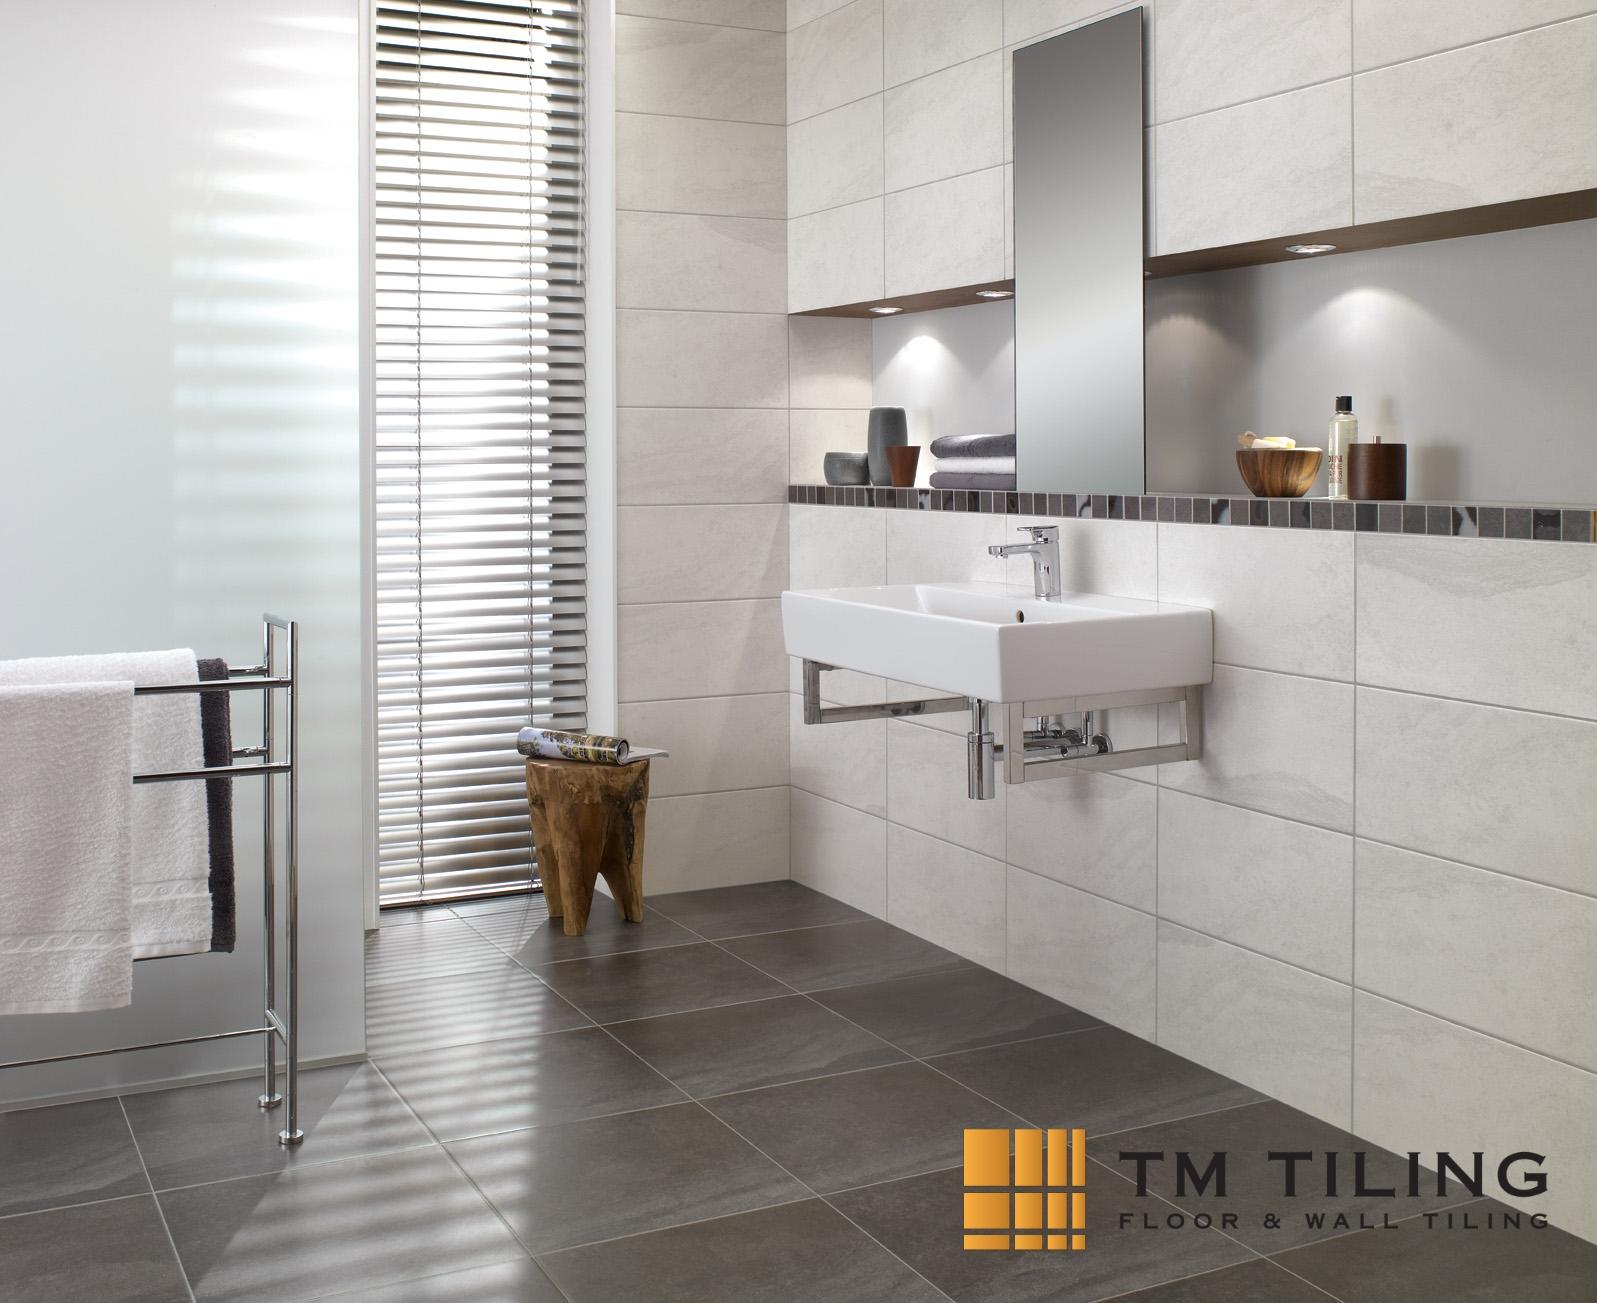 pop up tiles tm tiling singapore